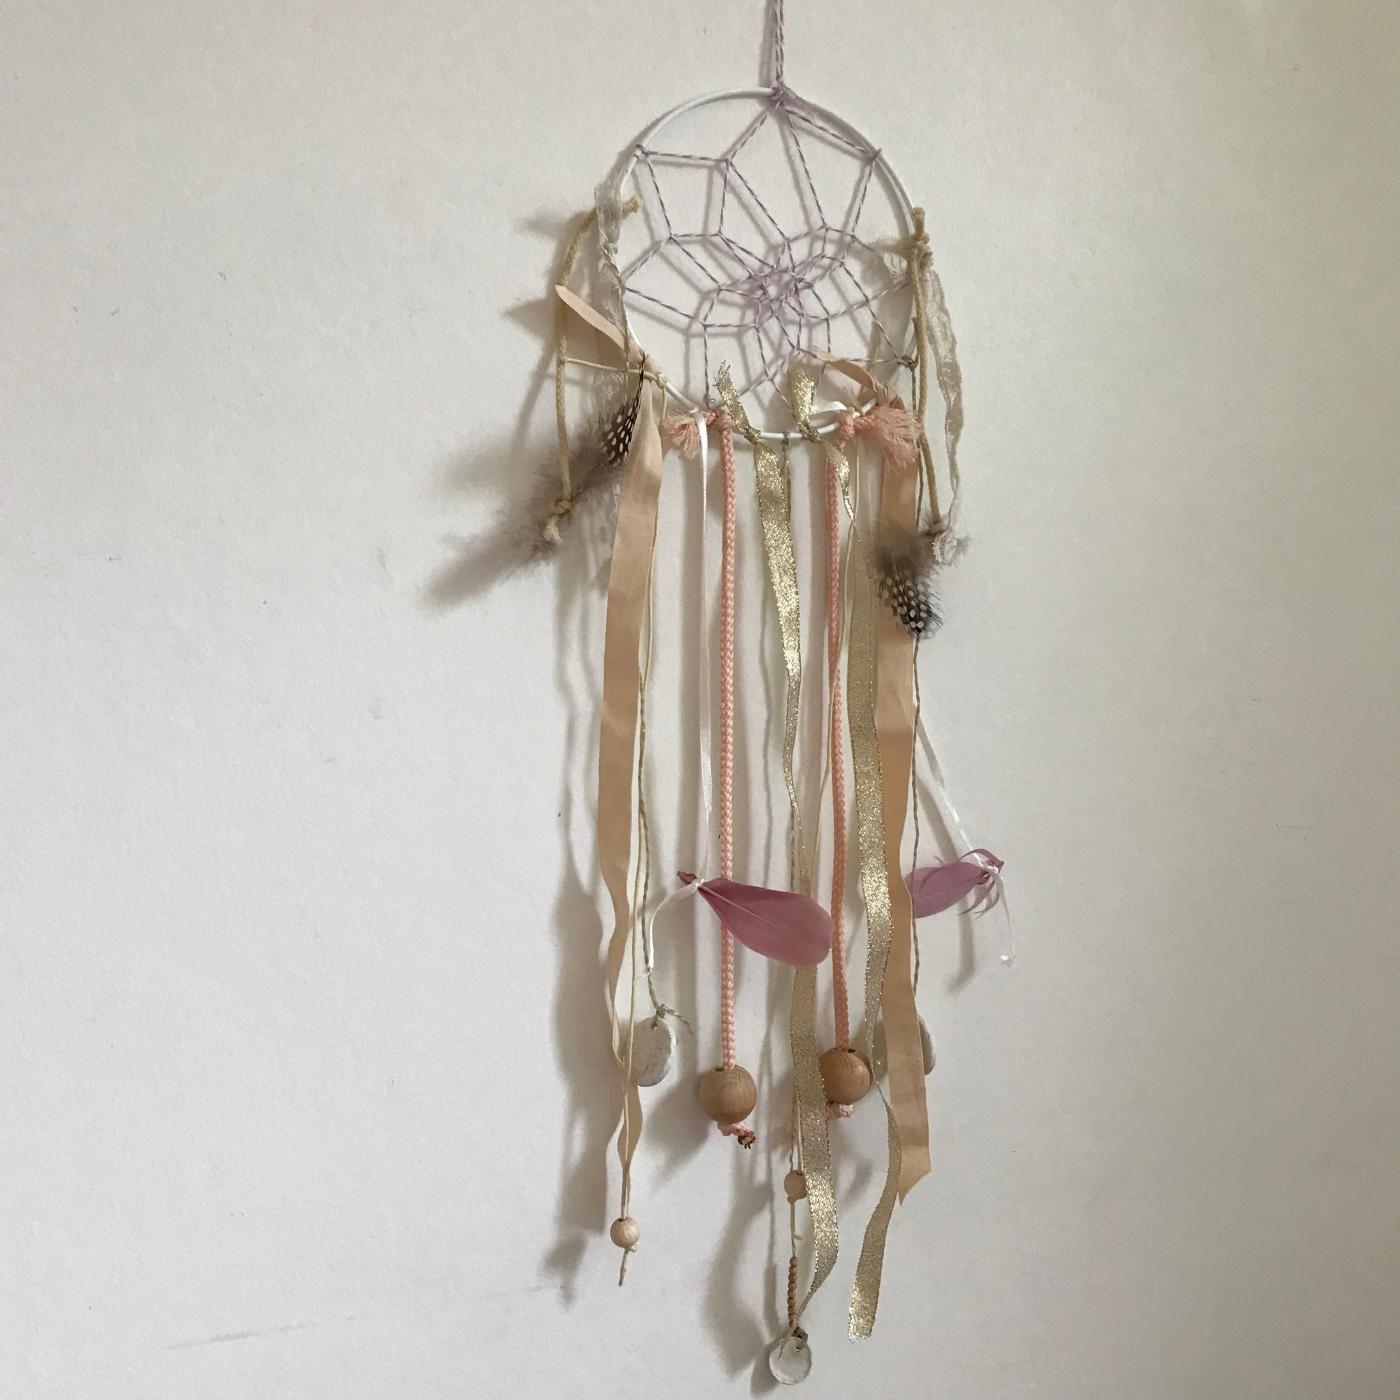 Attrape rêves indien diy bricolage enfant craft plumes ruban Image à la une